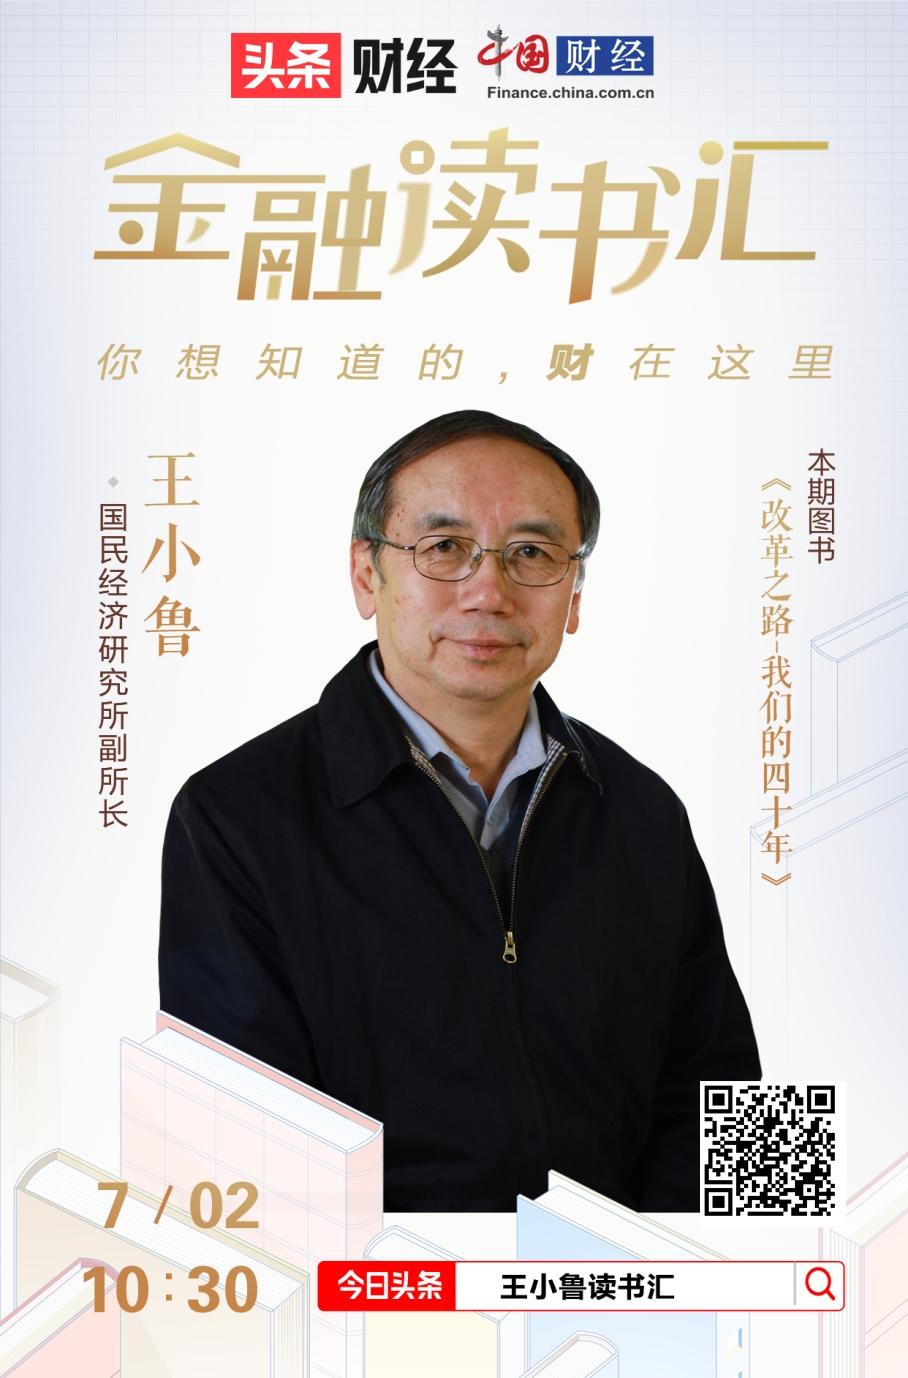 王小魯:中國為什么走上改革之路?